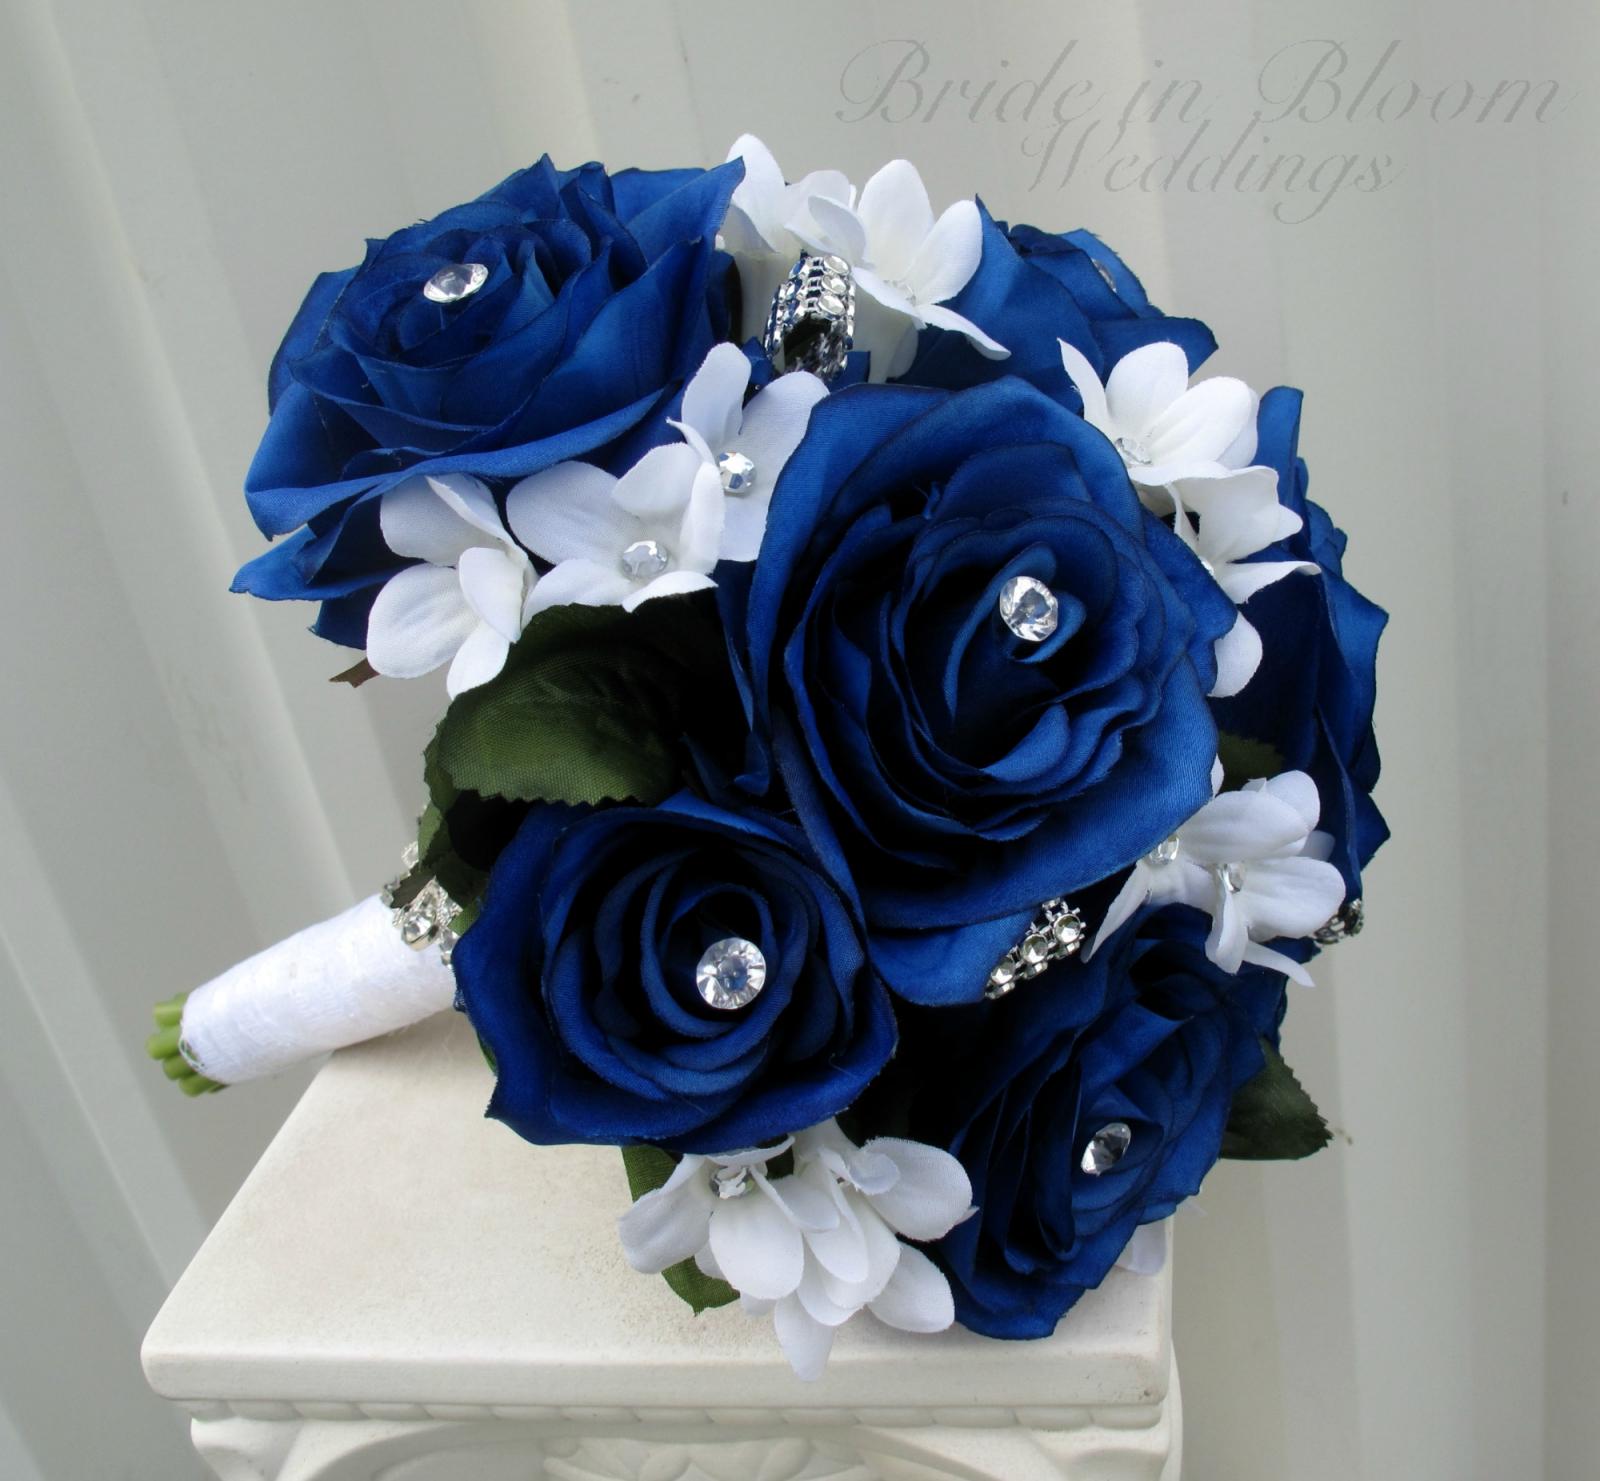 blue rose wedding bouquet bride in bloom. Black Bedroom Furniture Sets. Home Design Ideas